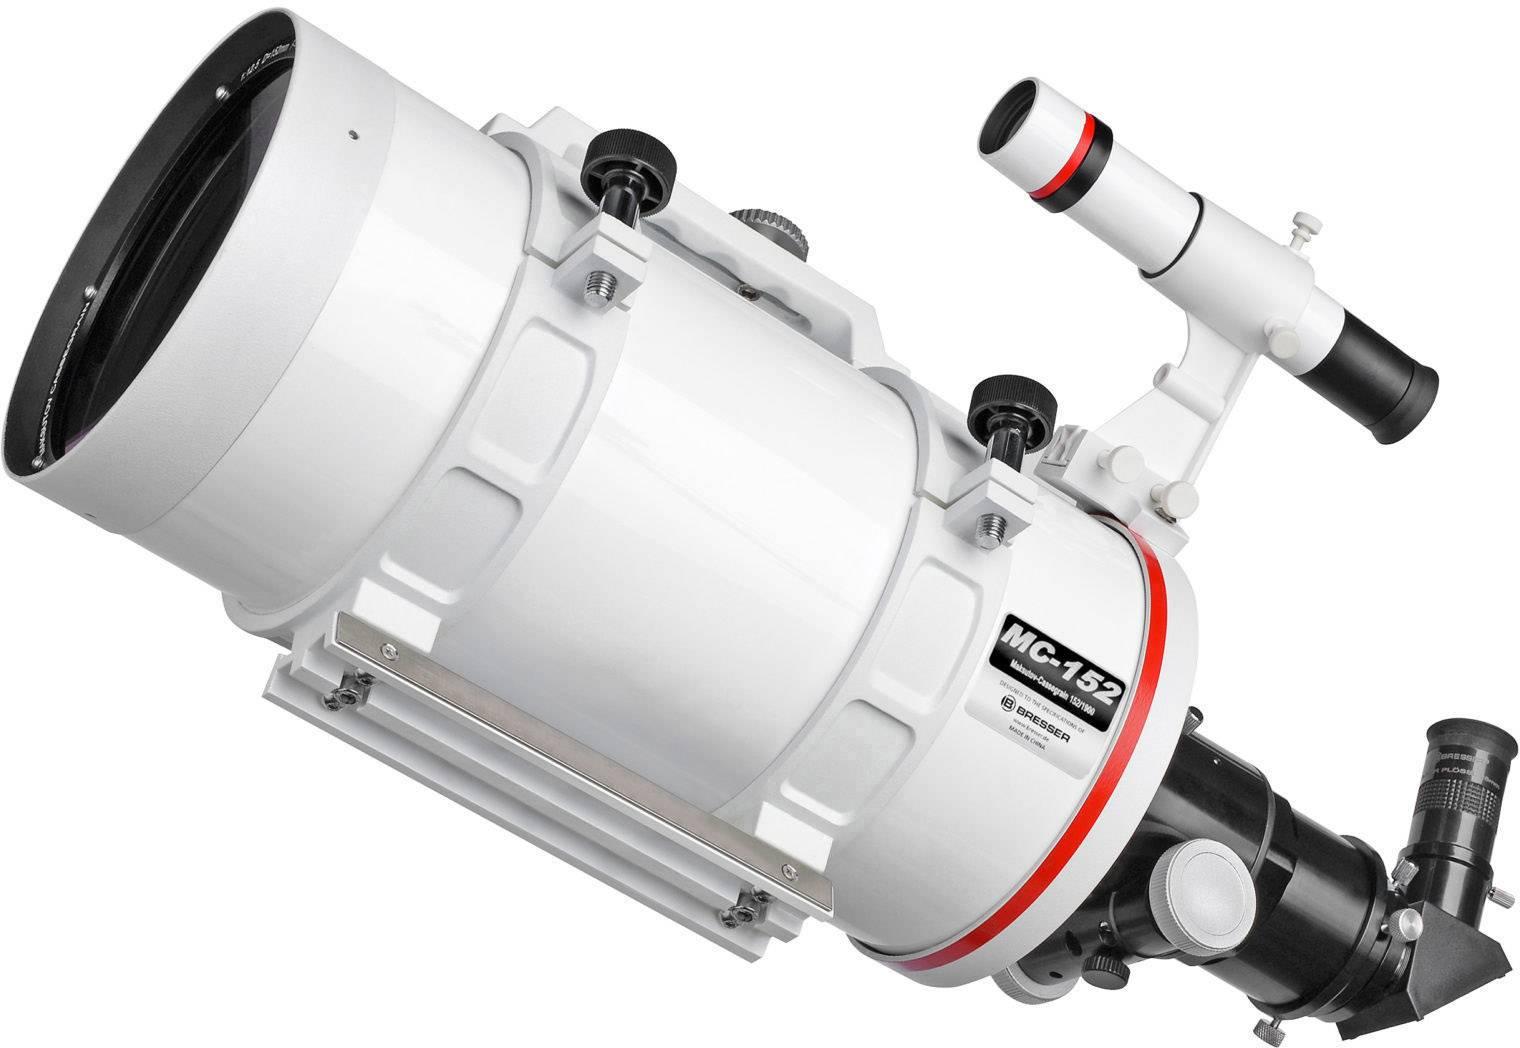 Teleskop in optik gebraucht kaufen u kalaydo